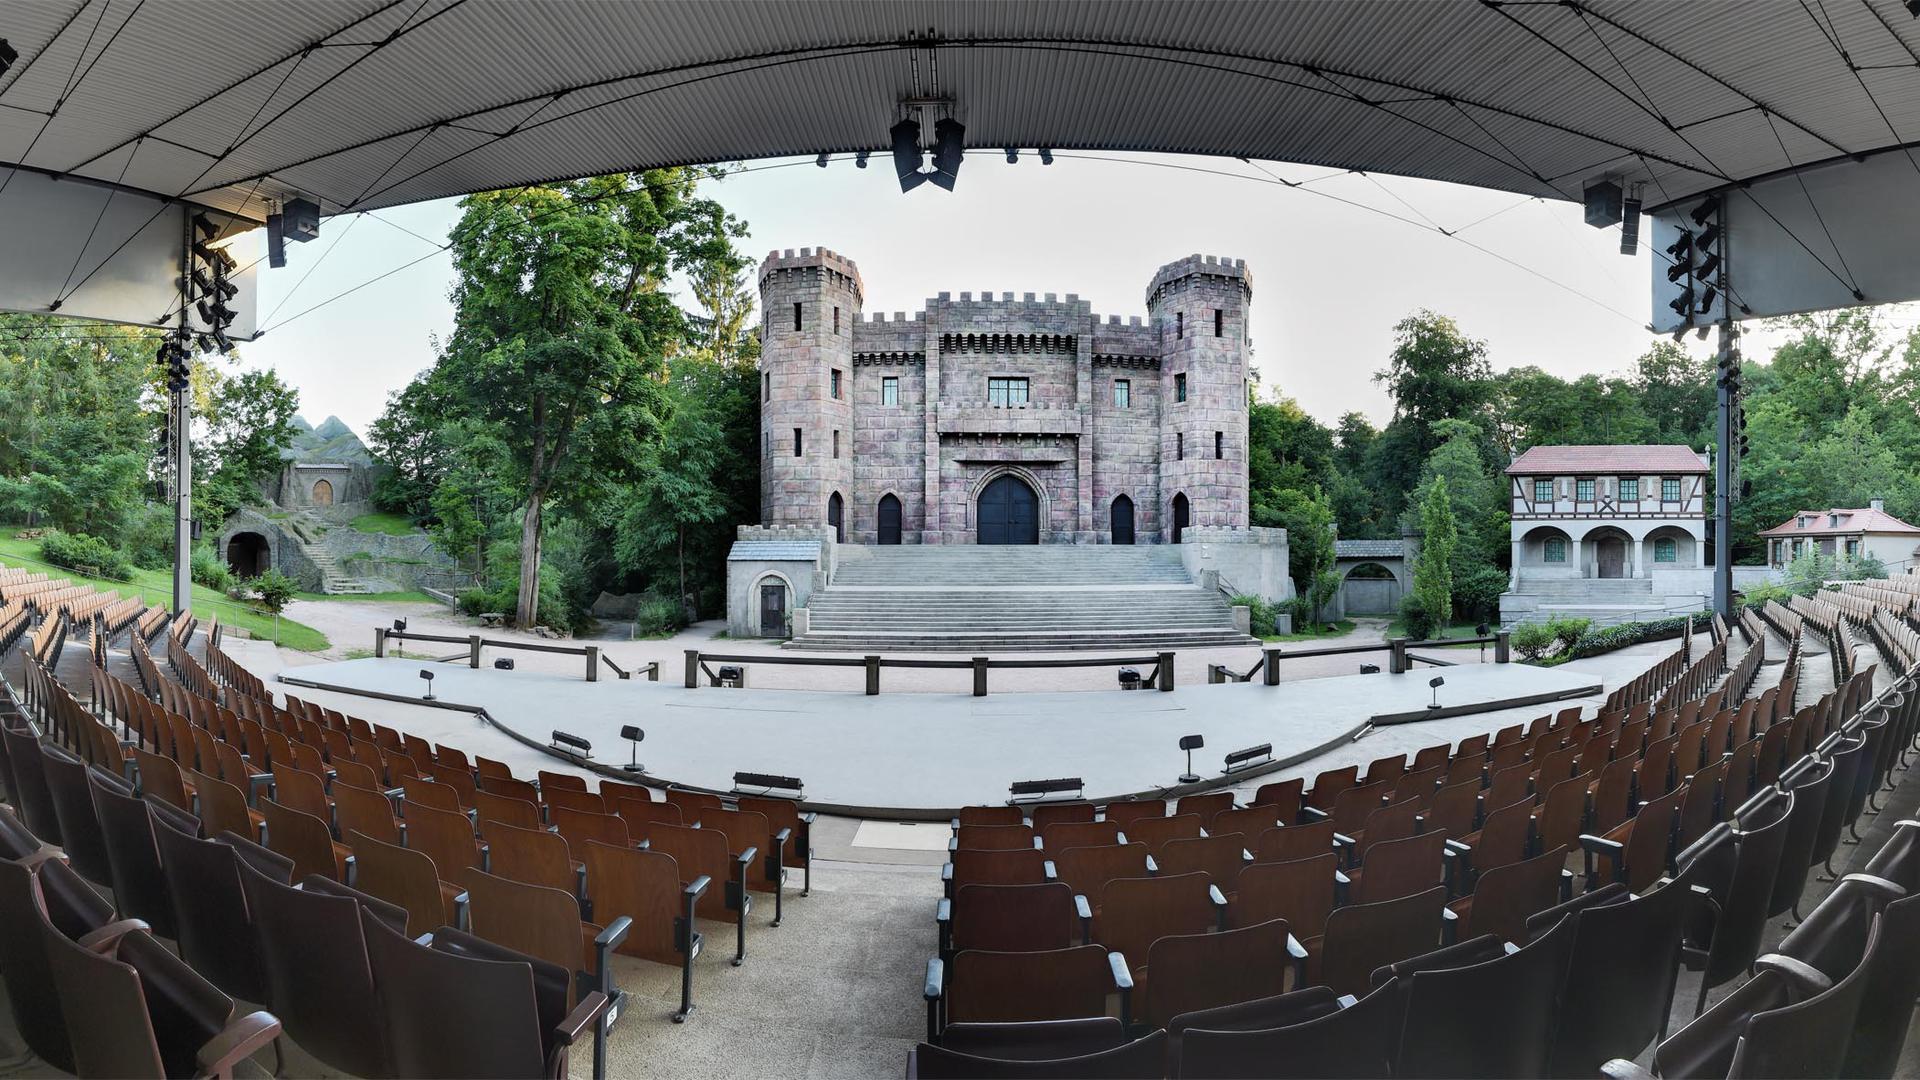 Voller Zuversicht in den Theatersommer 2021: Trotz neuer Corona-Verordnung mit maximal 500 Besuchern im dritten Öffnungsschritt halten die Volksschauspiele Ötigheim an ihren Plänen für die kommende Saison fest. Der Theaterverein hofft, dass sich auf der Freulichtbühne die Zahl der Zuschauer im Lauf des Sommers noch auf 900 bis 1.200 pro Vorstellung erhöht.